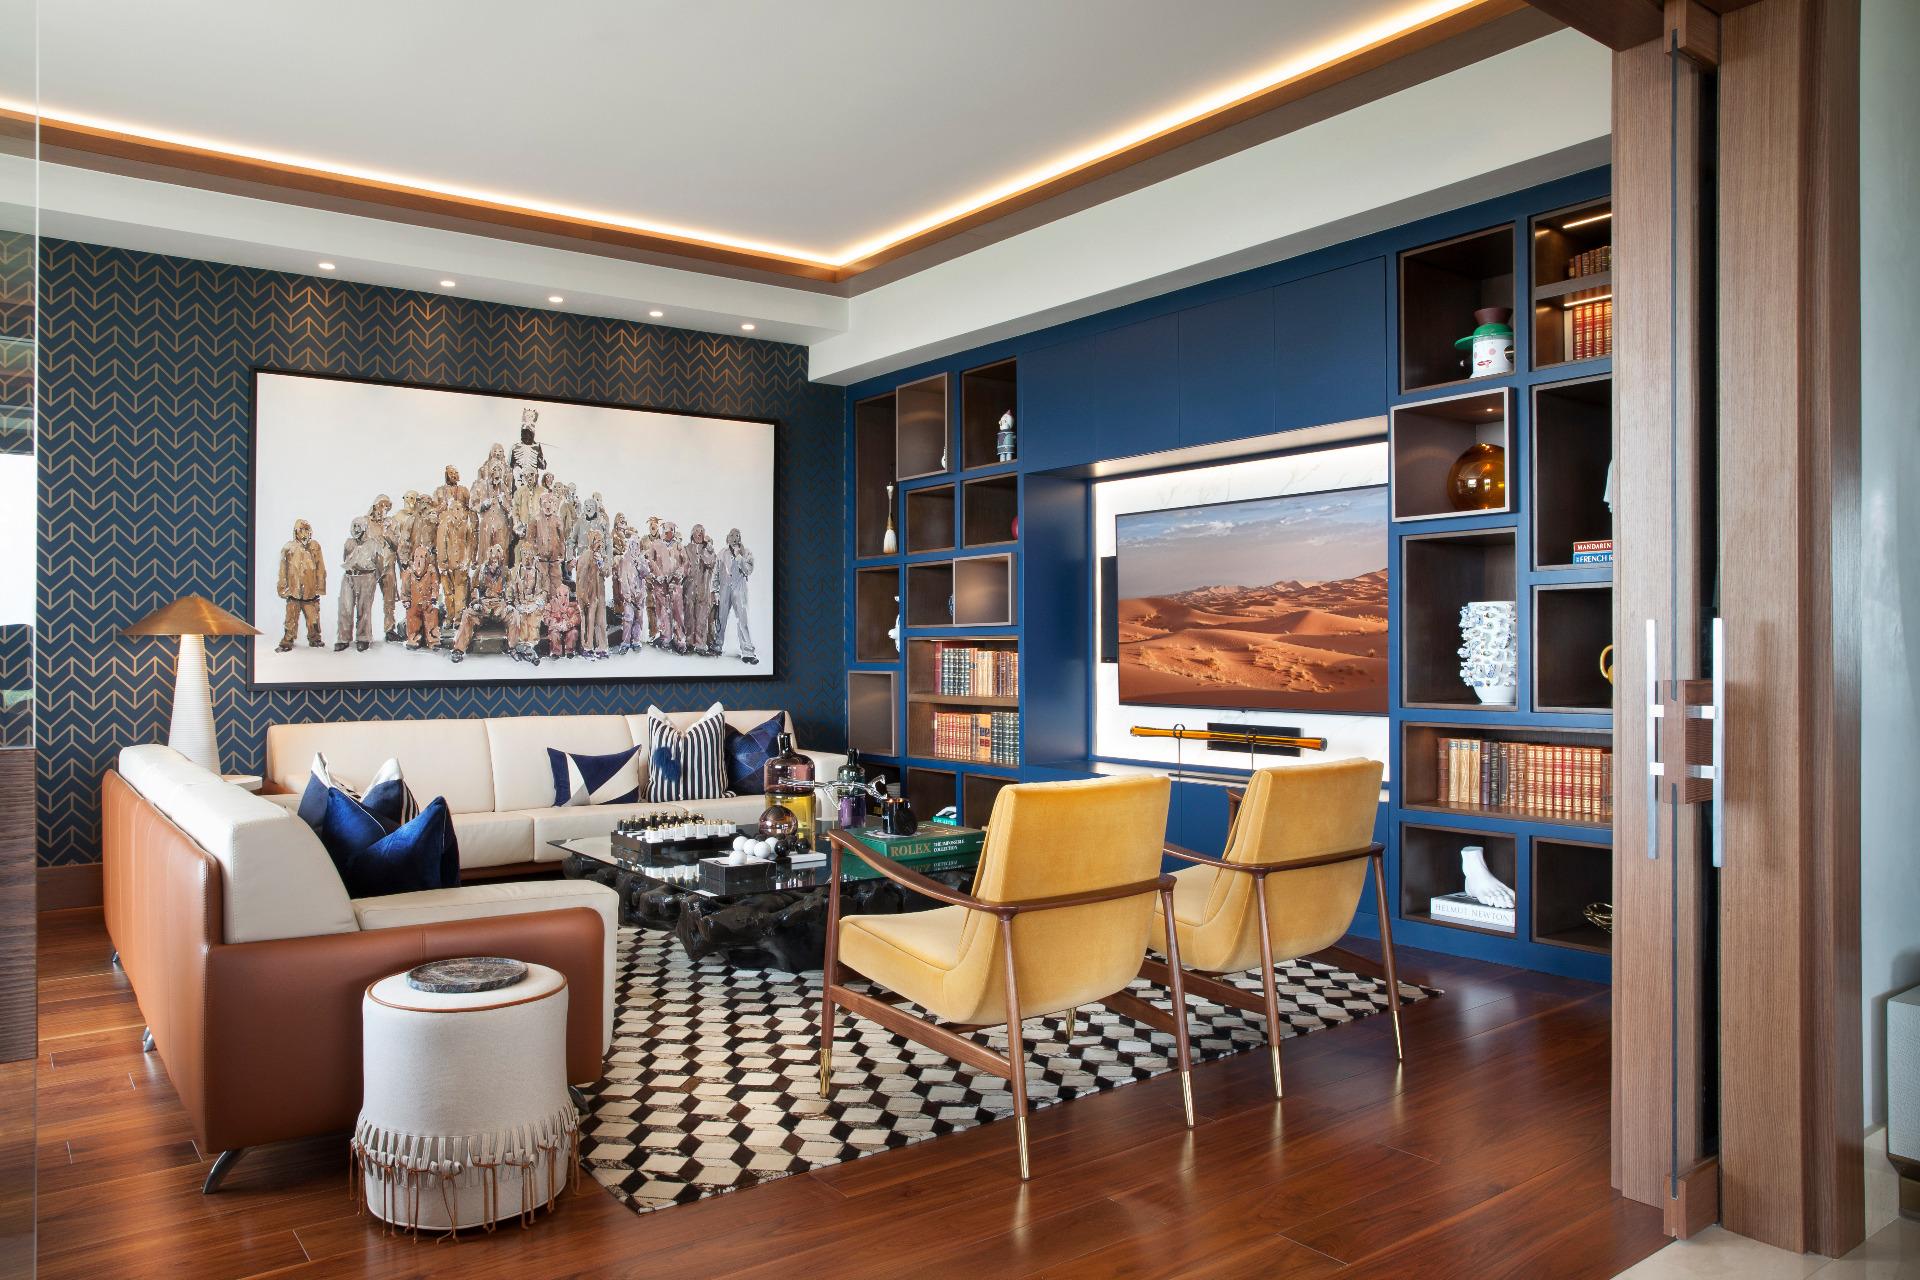 Modne pomysły na dekoracje ścian w salonie. Trzy nowoczesne rozwiązania